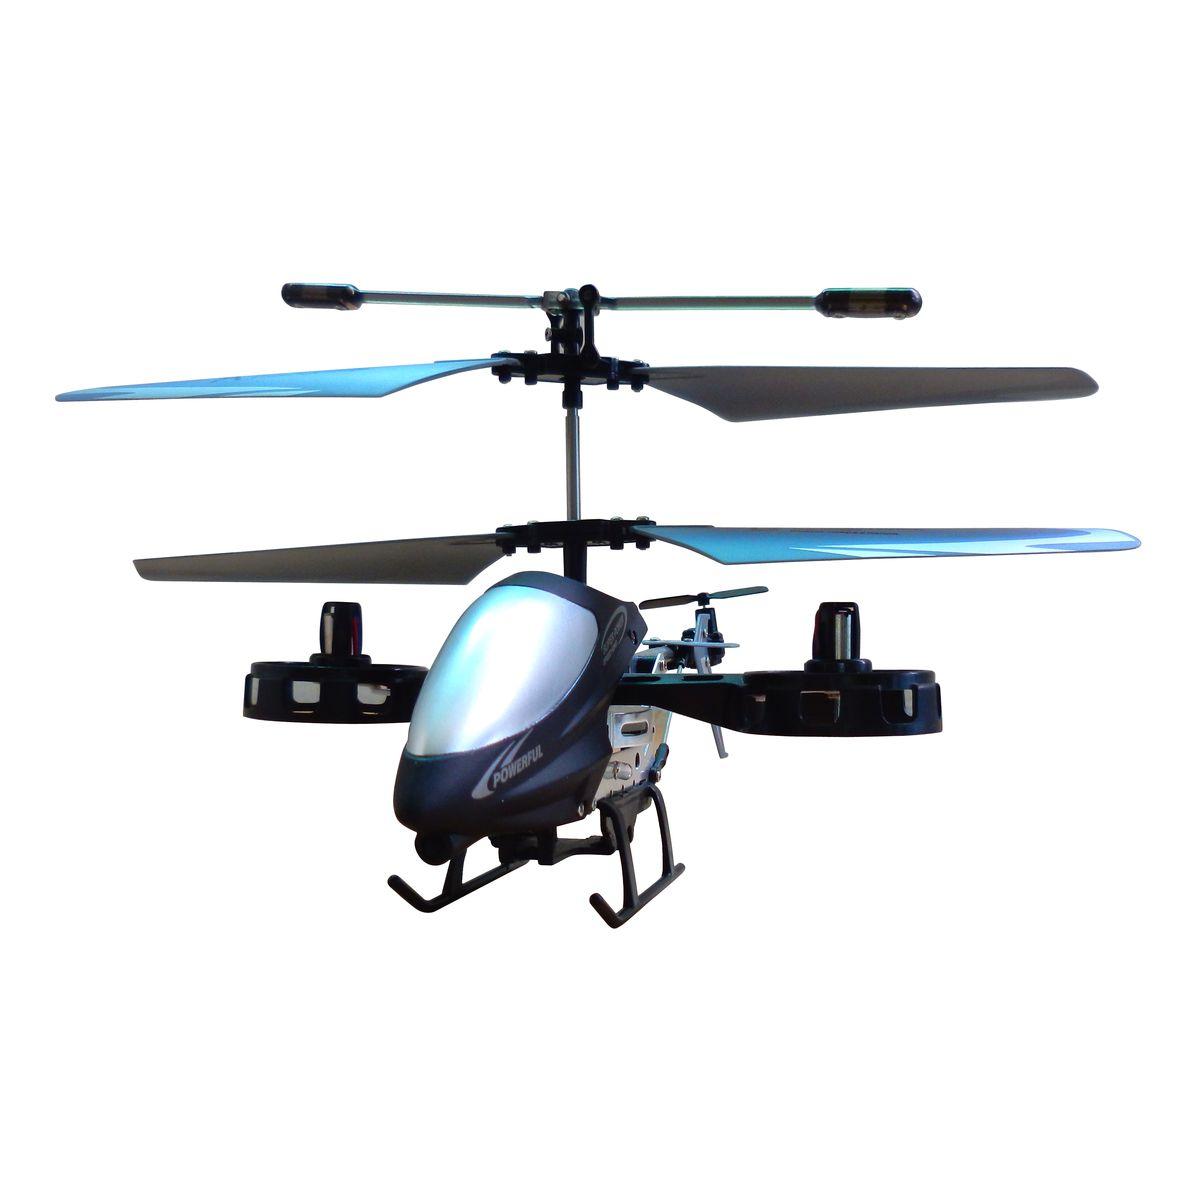 Blue Sea Вертолет на ИК управлении L607 с гироскопом - Радиоуправляемые игрушки